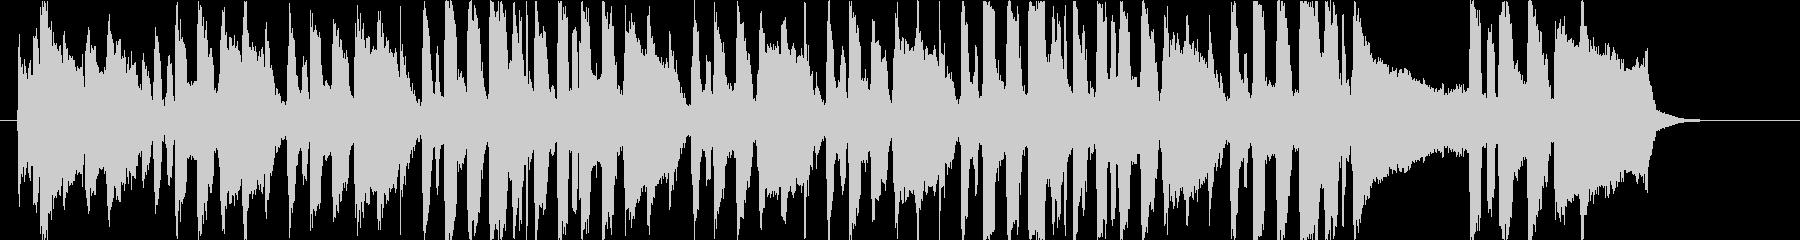 誕生日の歌(ワルツver) 【ミナト】の未再生の波形